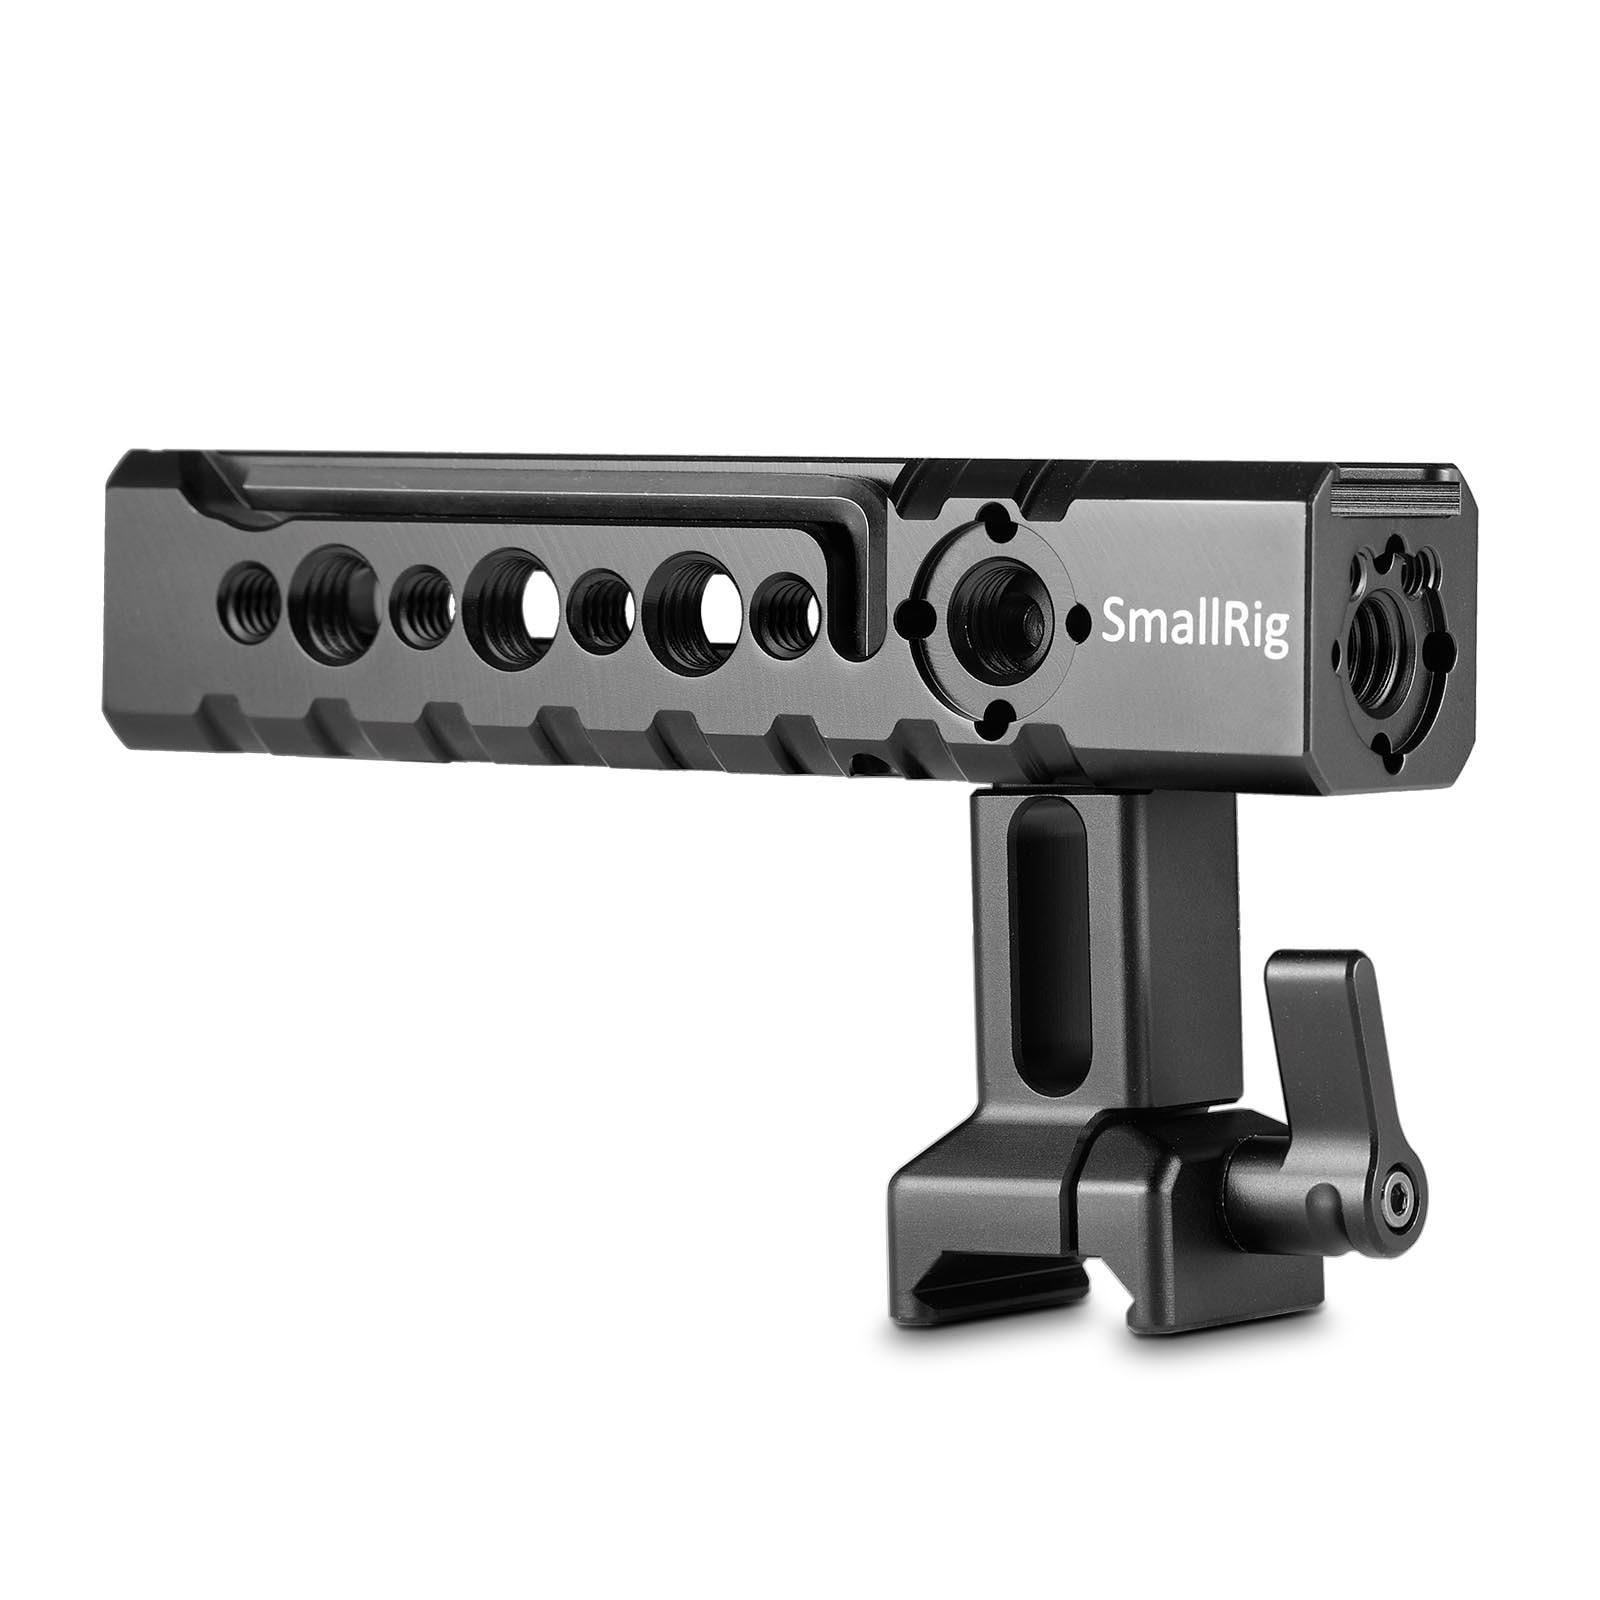 Petite caméra poignée vidéo caméscope Action stabilisant poignée otan poignée supérieure réglable pour petite plate-forme BMPCC 4 K Cage 1955